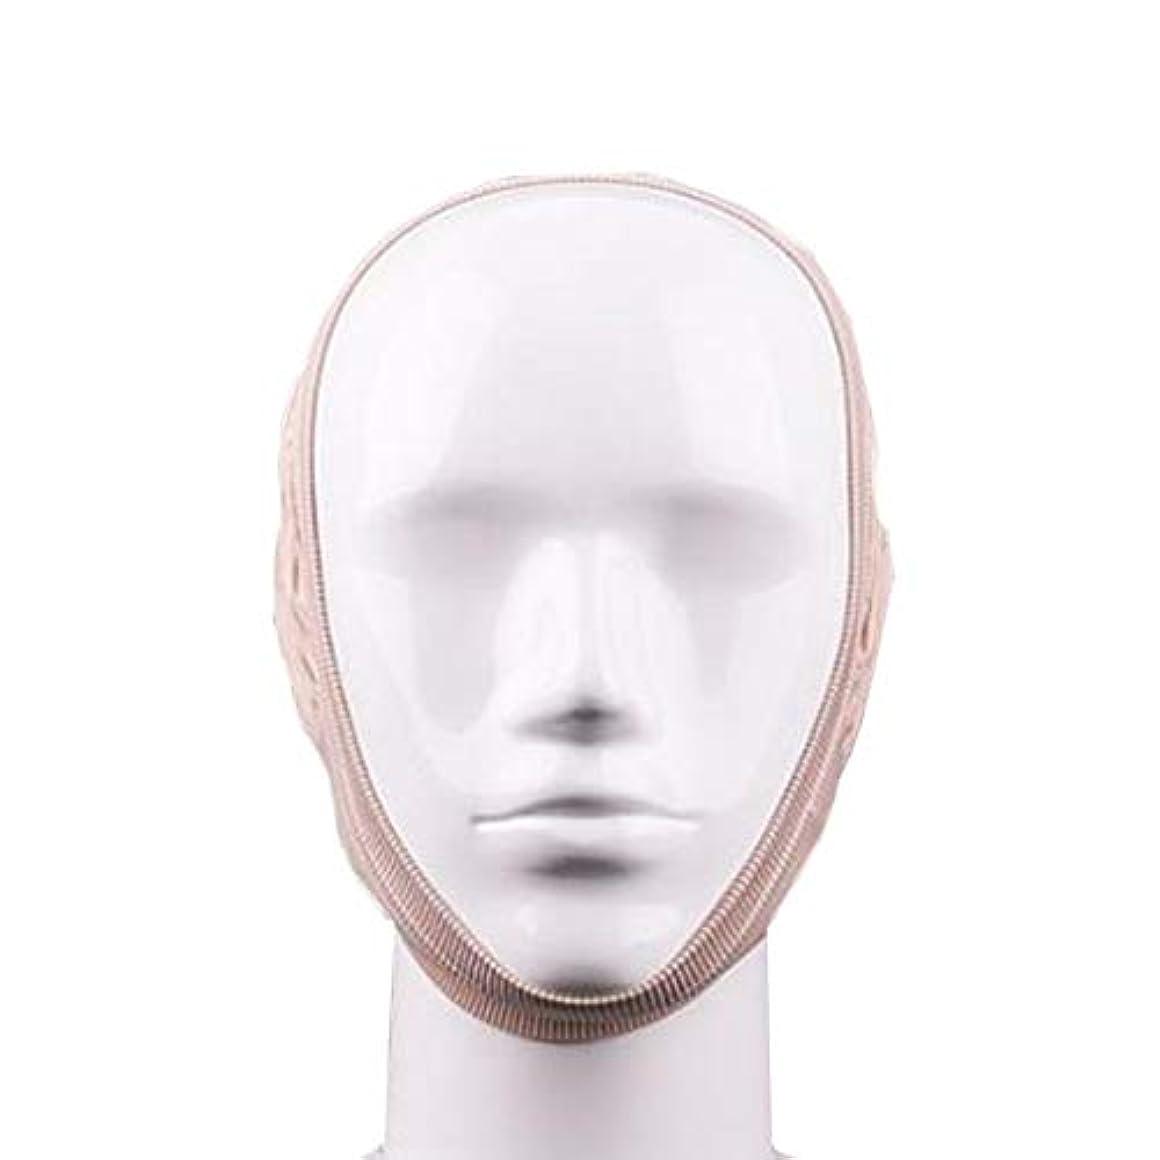 事実訴える唯物論ZWBD フェイスマスク, 顔の包帯の形成を強化するための術後回復包帯リフティングシェイプマスクを刻むVフェイスアーティファクトスモールフェイスマスクライン (Color : B)